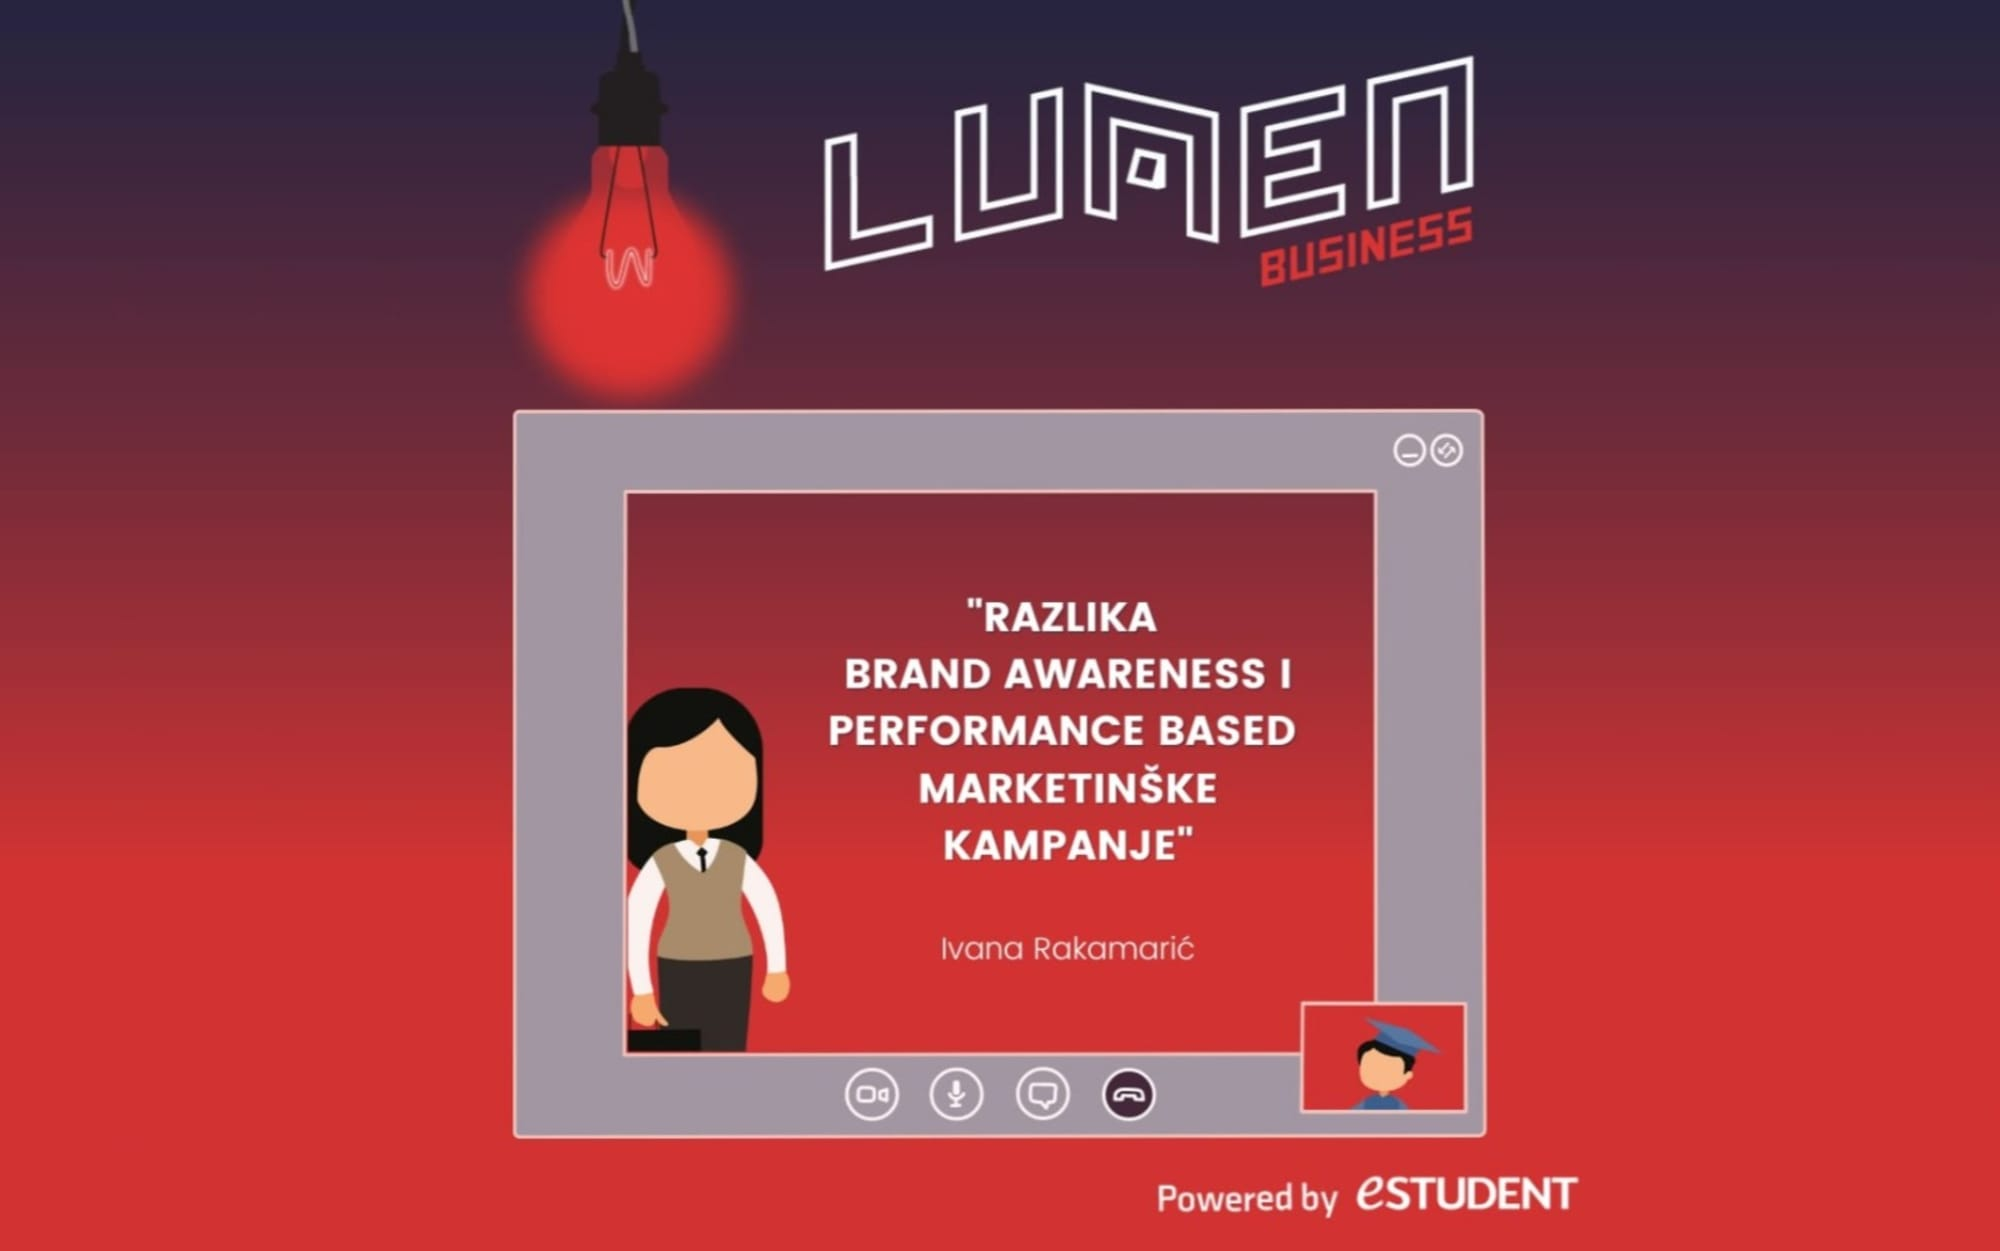 Održana LUMEN Business radionica na temu marketinških strategija